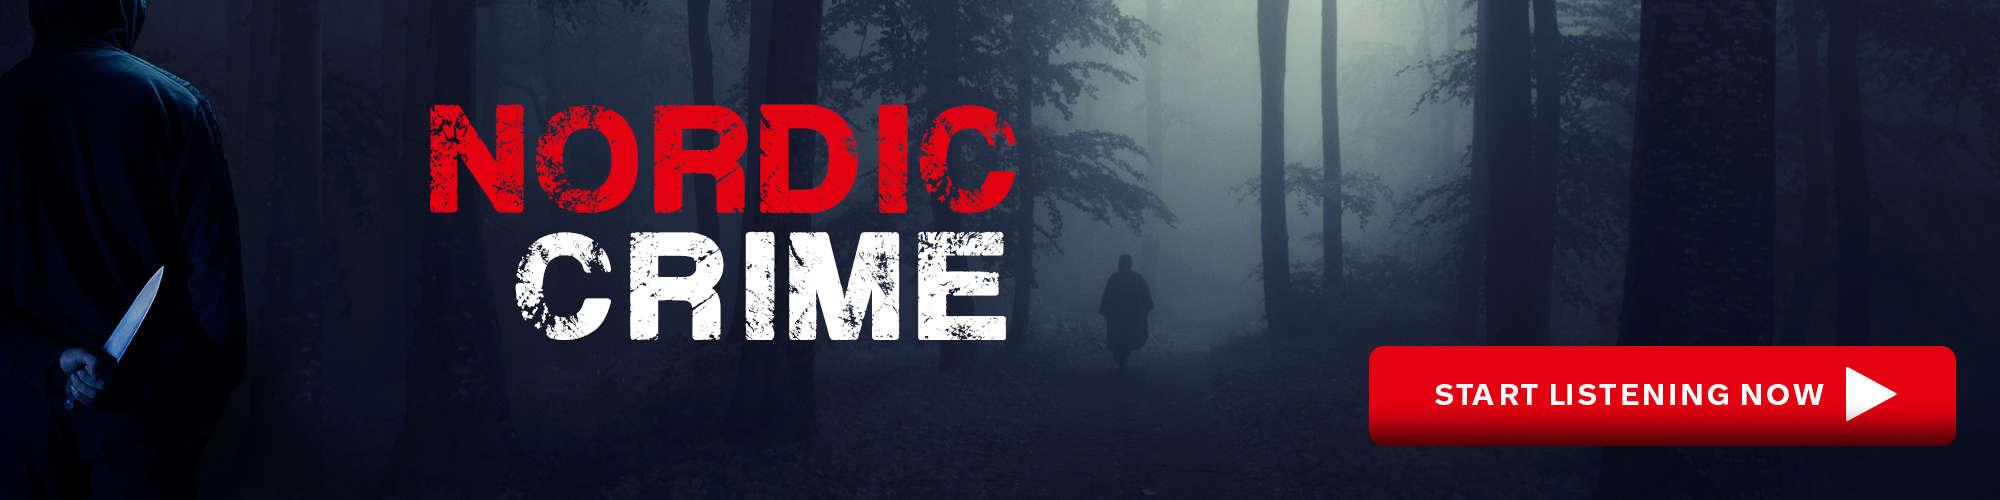 Nordic crime